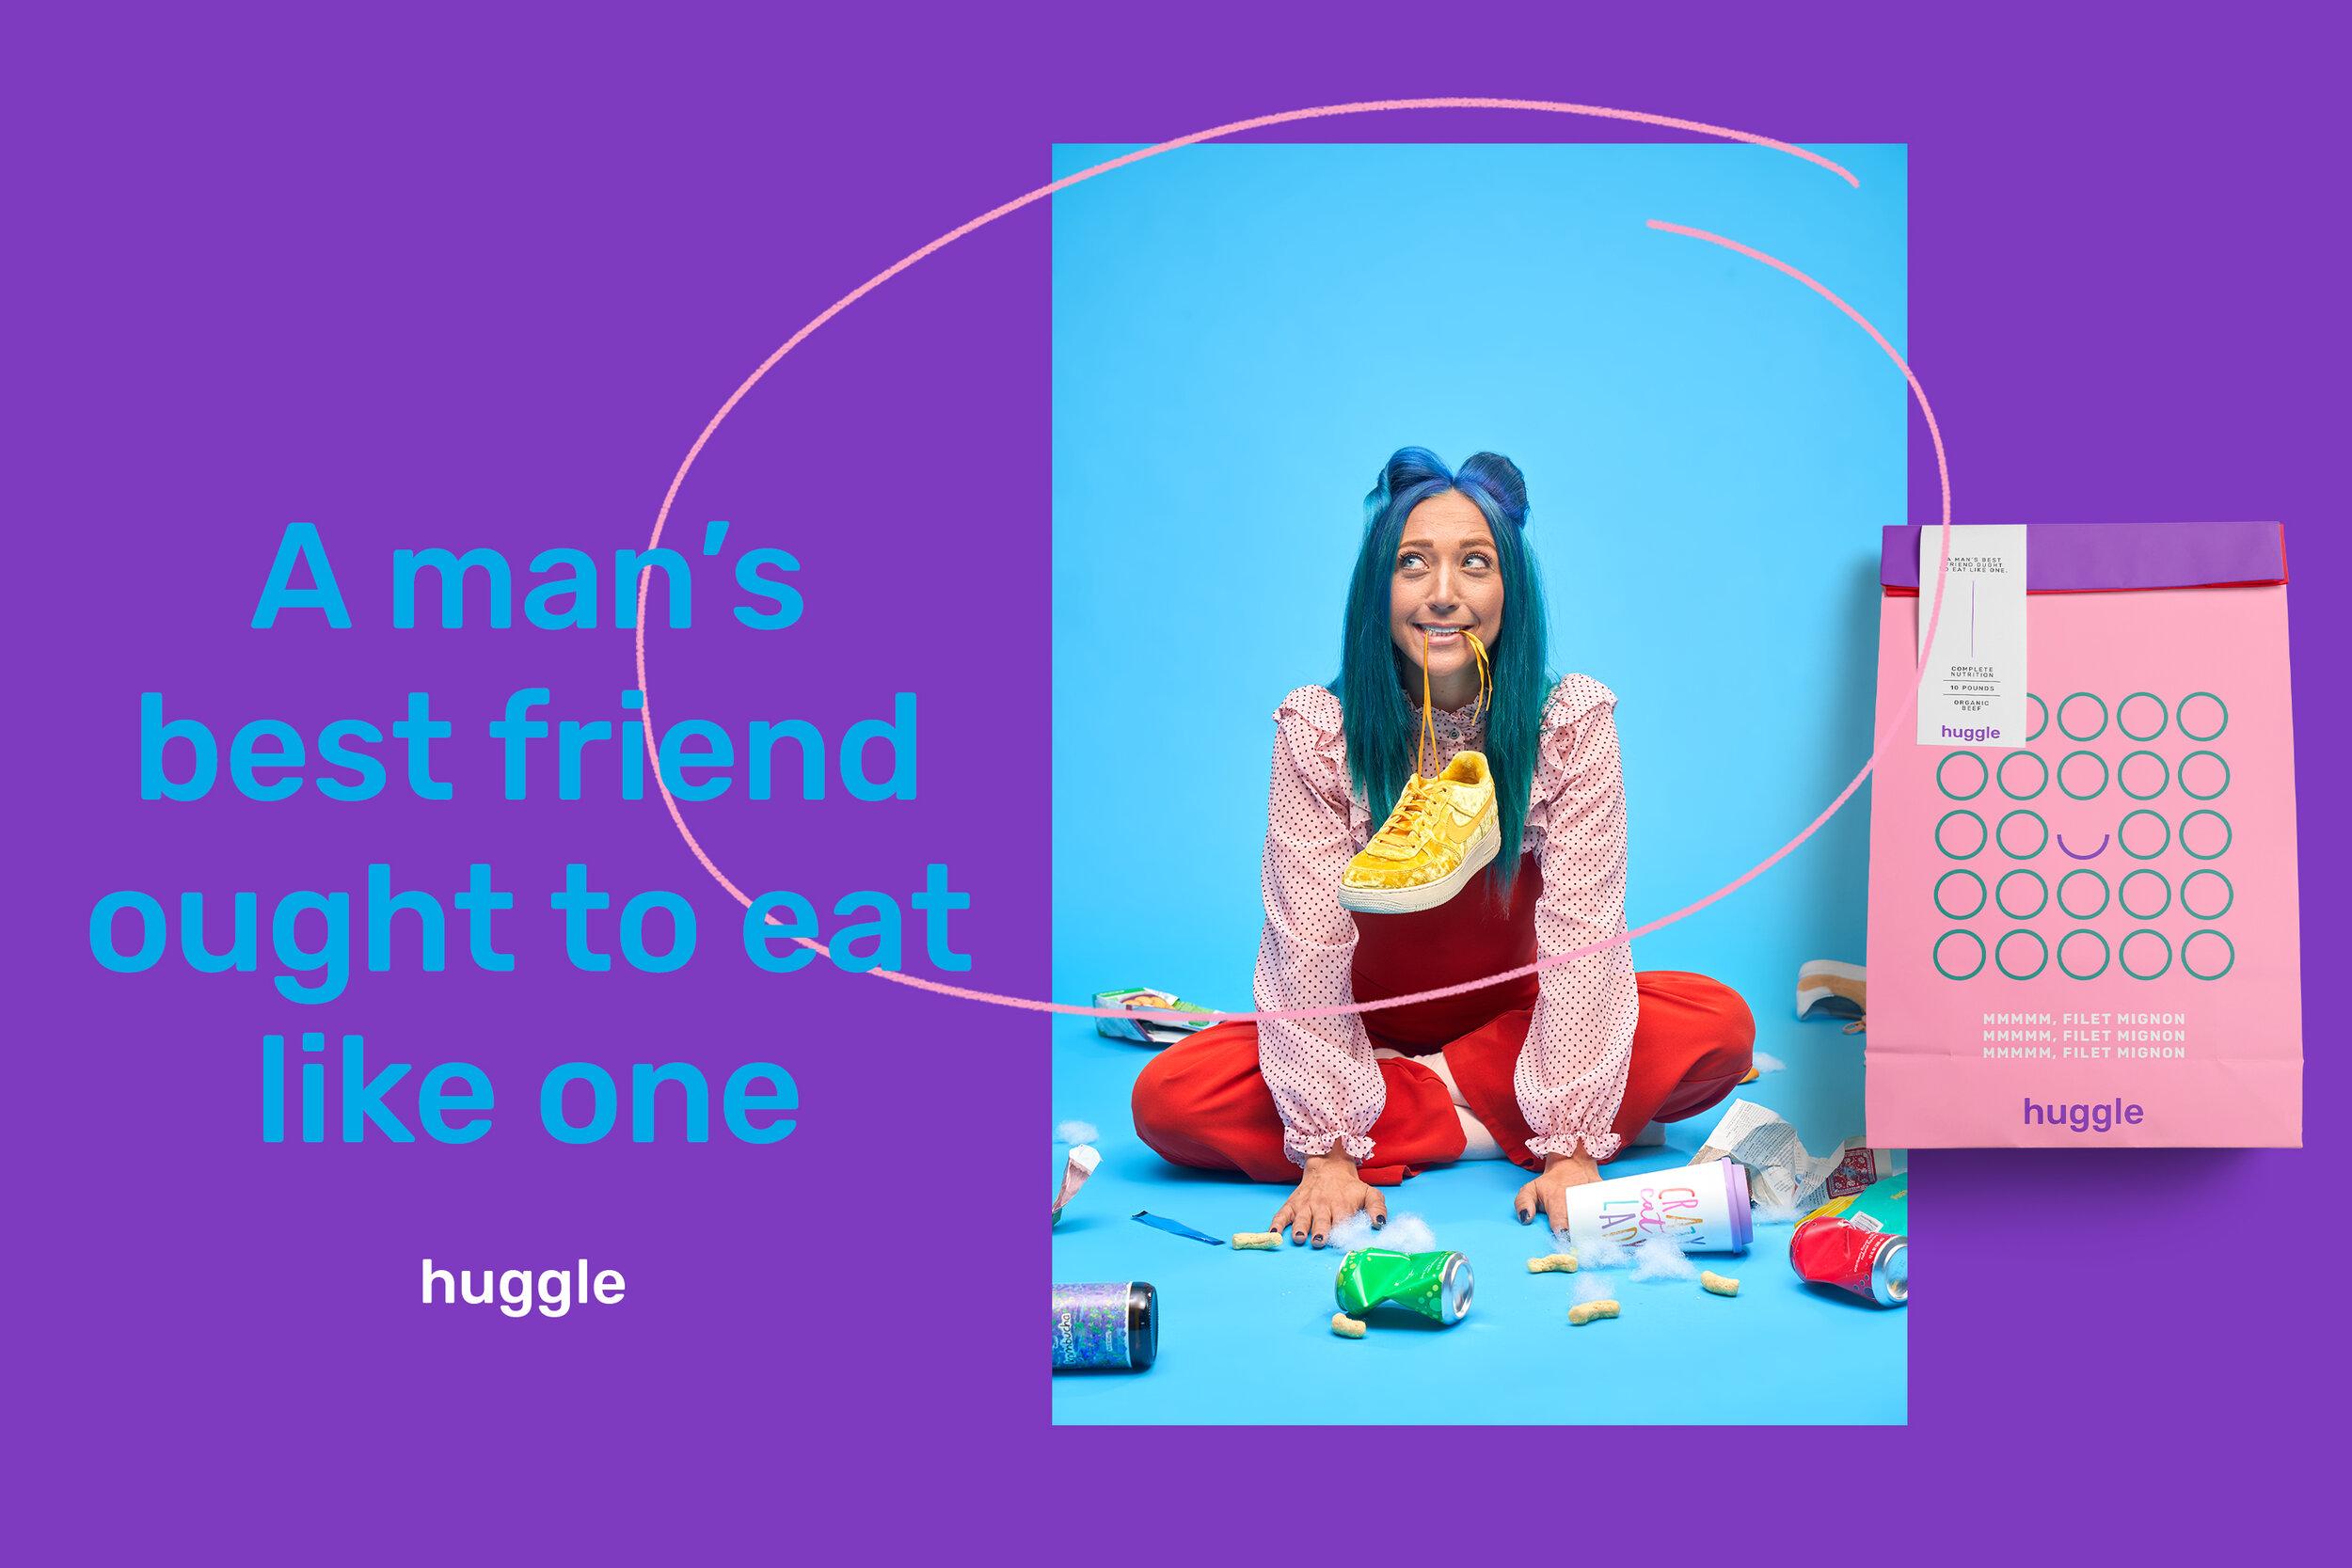 Huggle_Ladd_Static1.jpg